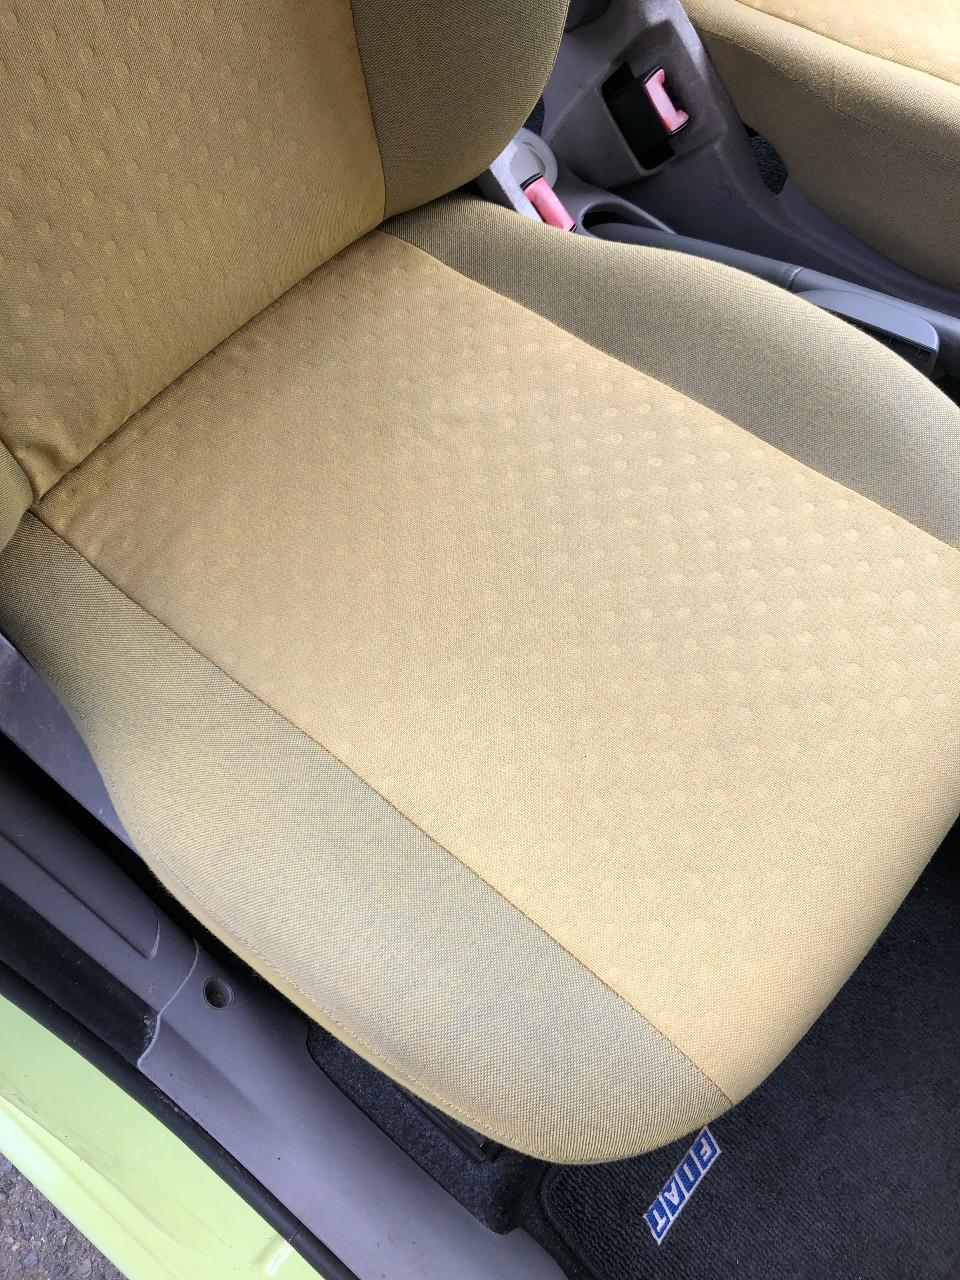 ルームクリーニングでシートの汚れを除去 除菌、消臭